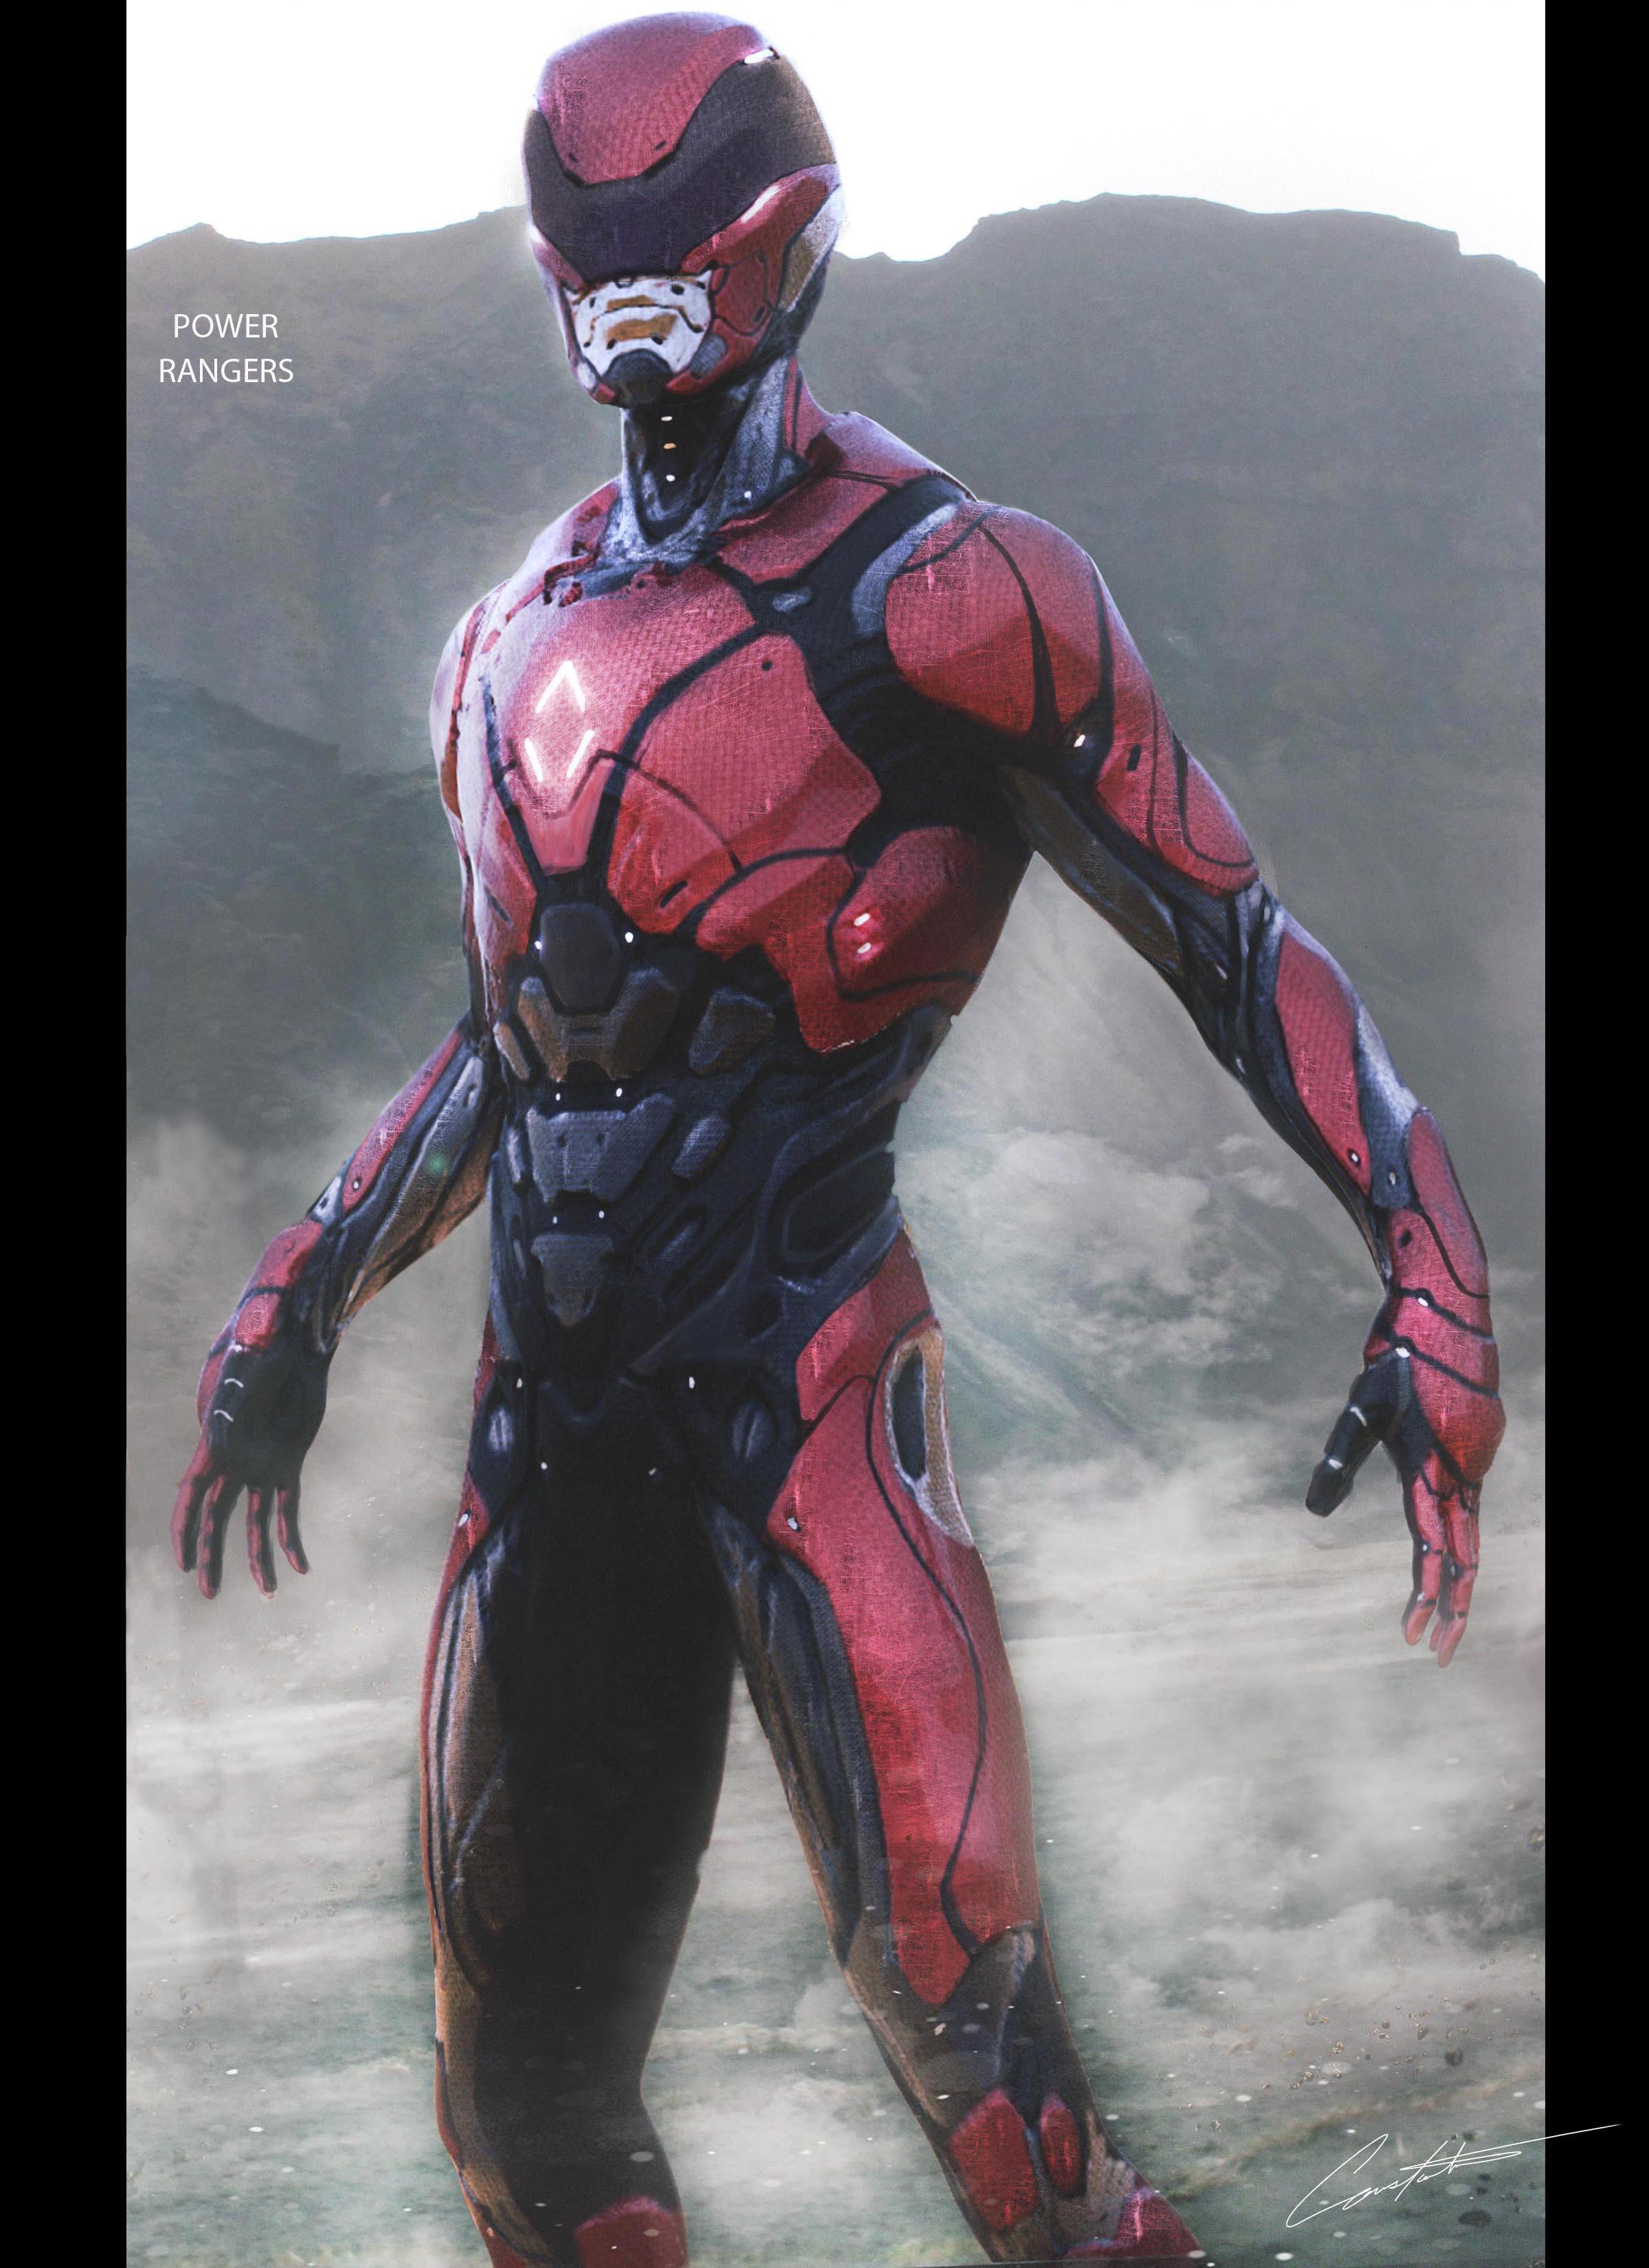 Power Rangers Red Ranger Design